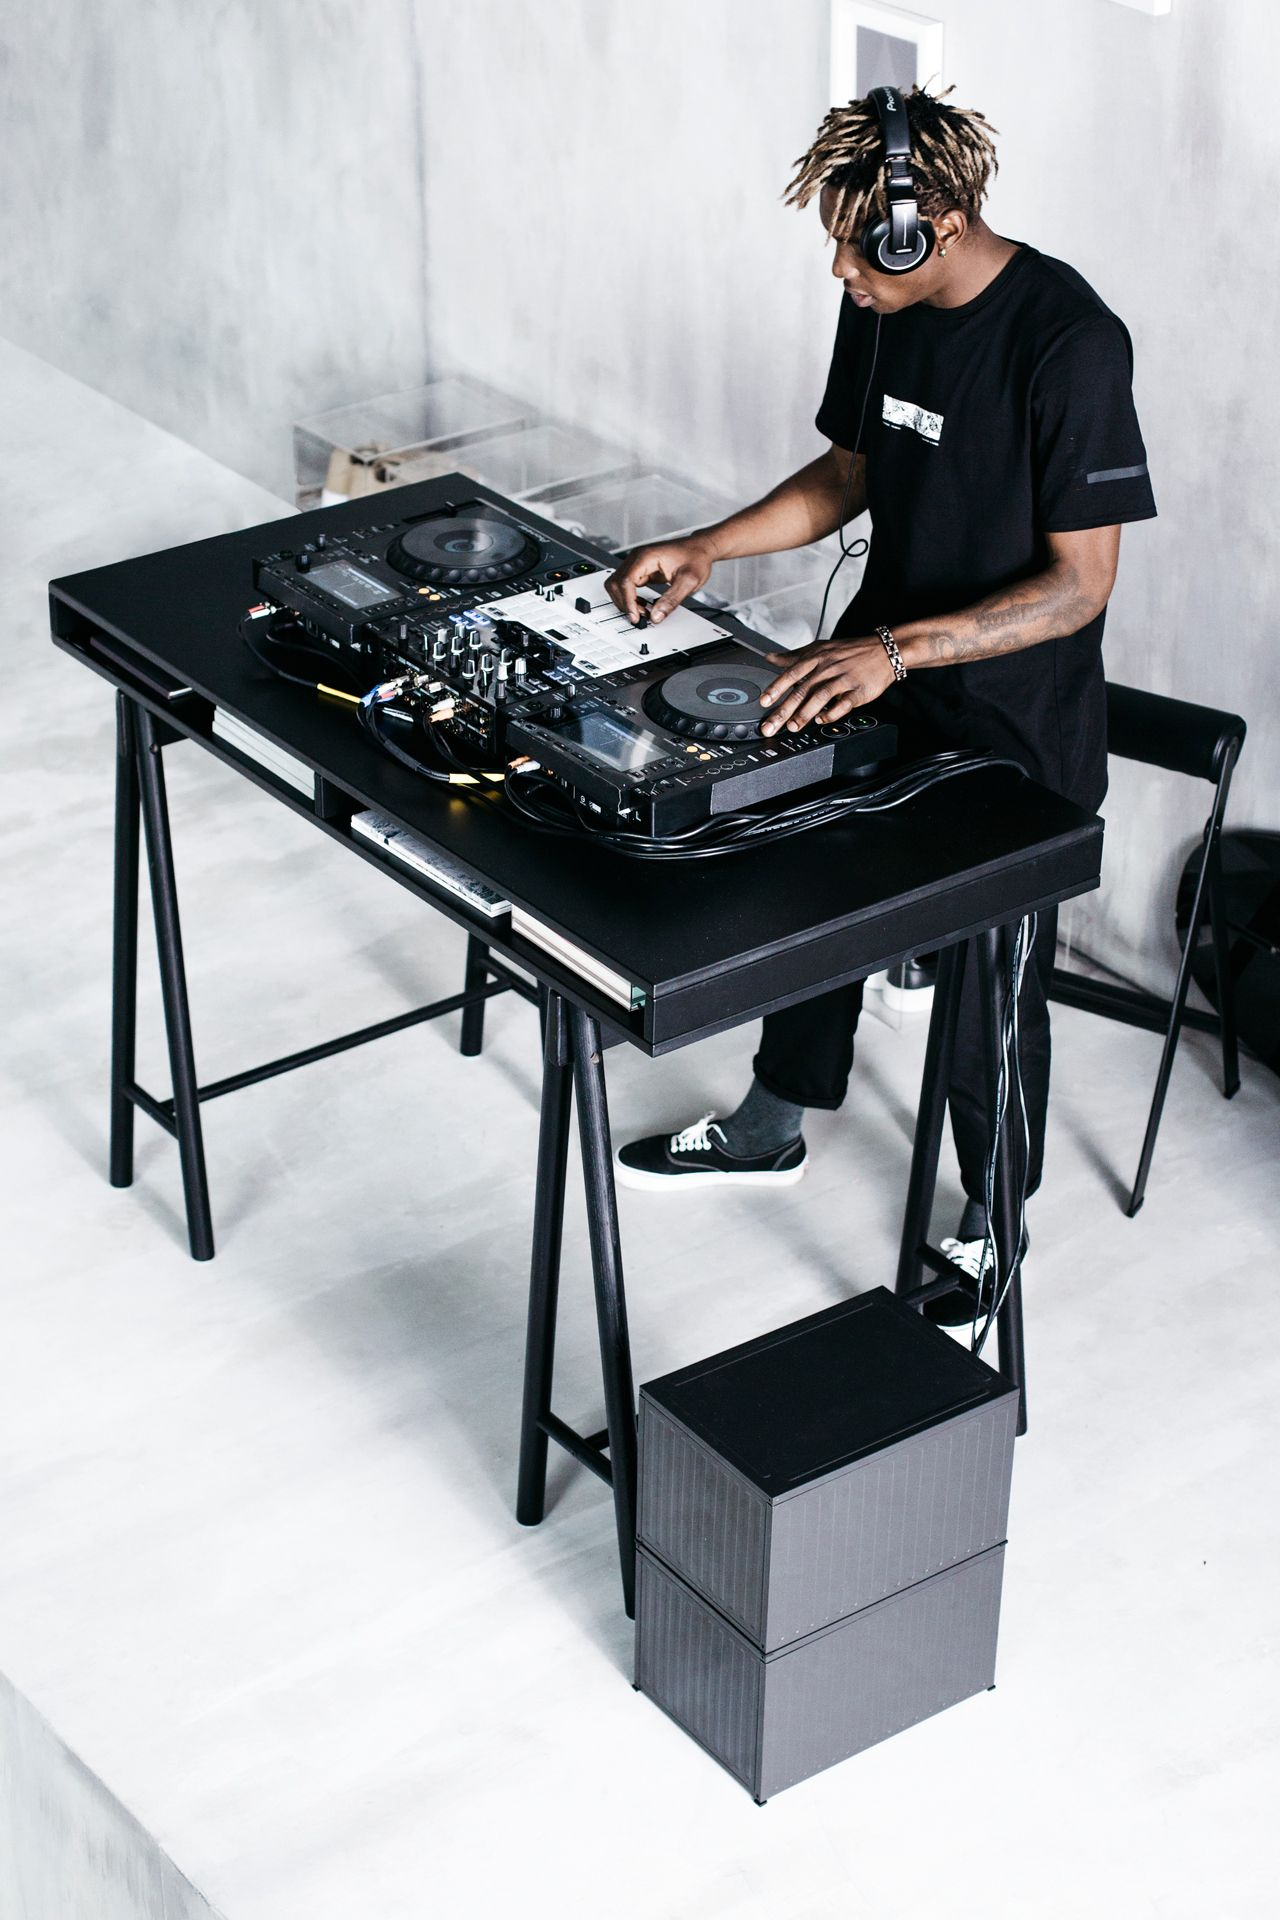 Mężczyzna w czarnym ubraniu grający jako DJ. Konsola na czarnym biurku.